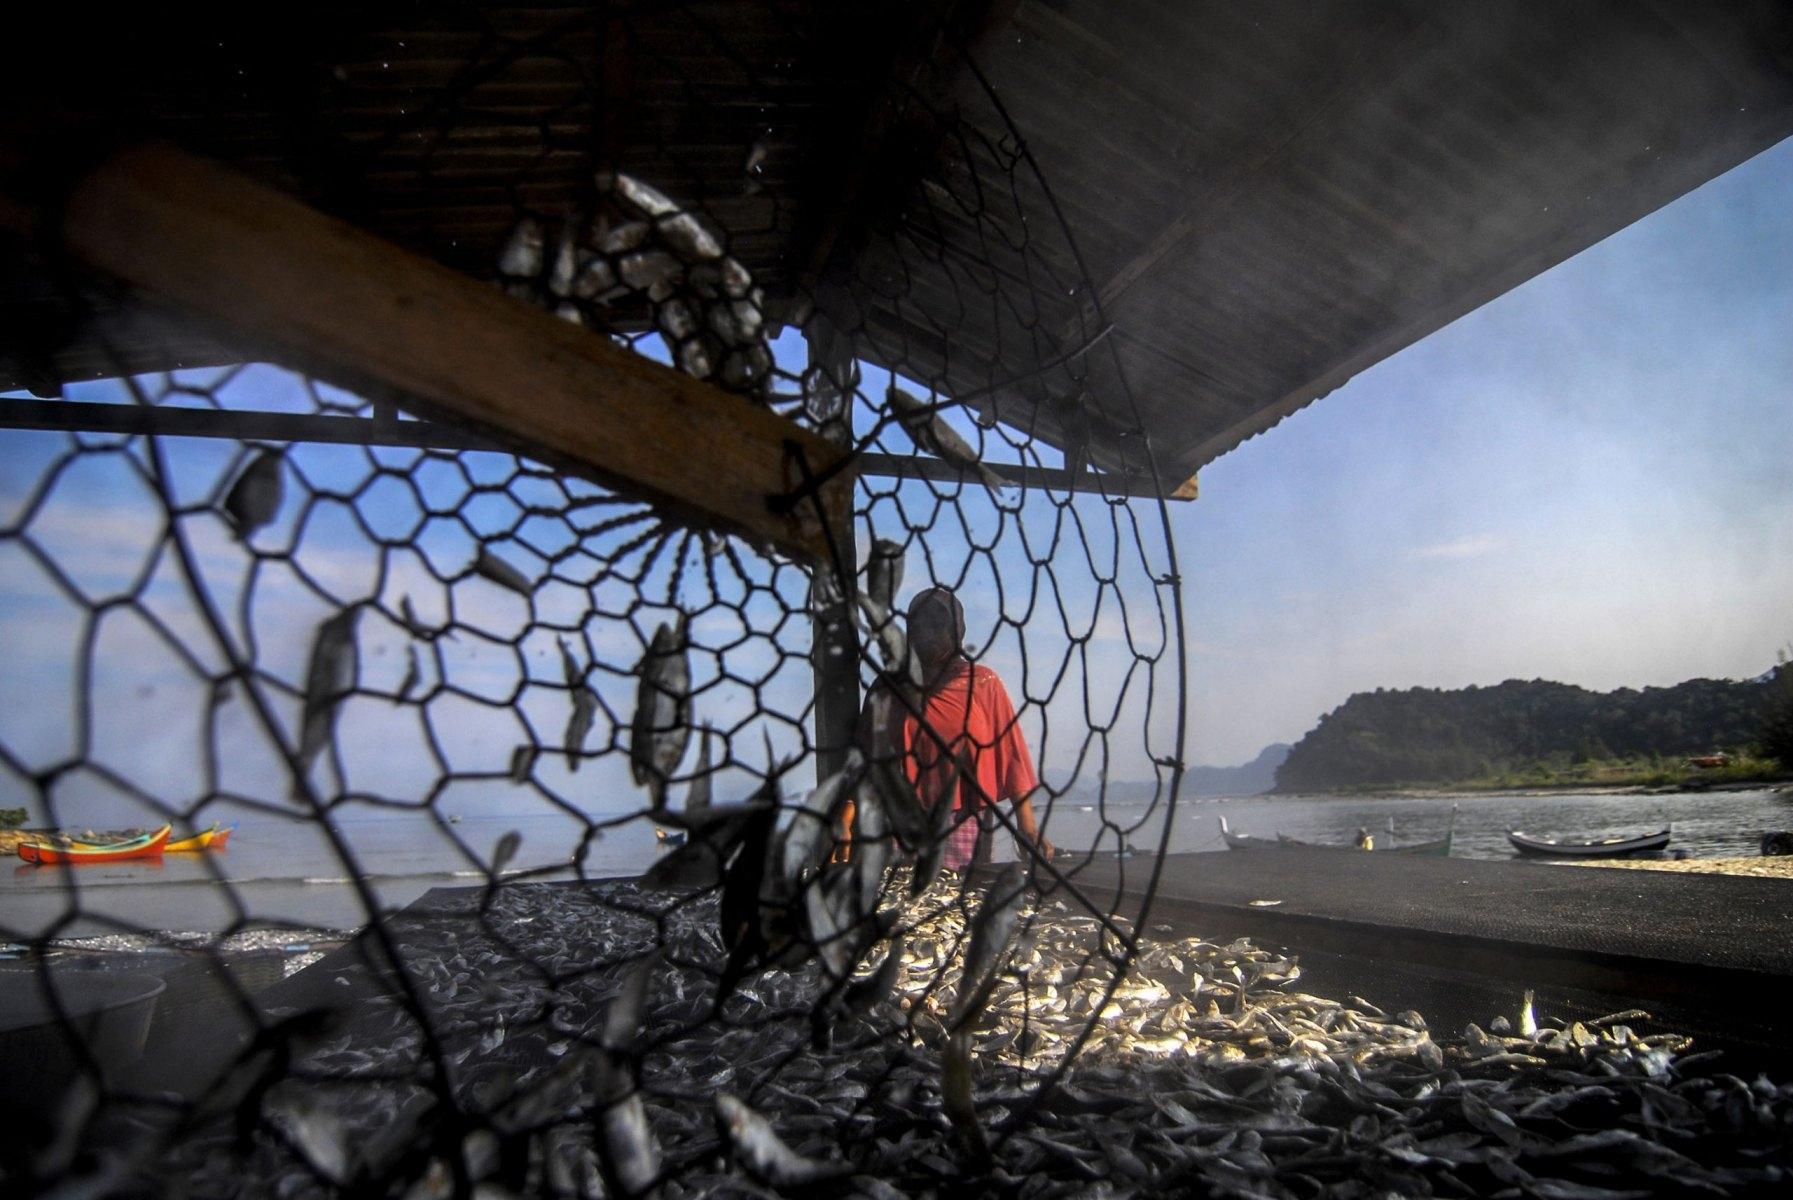 Pekerja mengolah ikan di Teluk Lhok Seudu, Sabtu (7/3/2015). Teluk Lhok Seudu dikenal sebagai sentra produksi ikan kering di Provinsi Aceh.